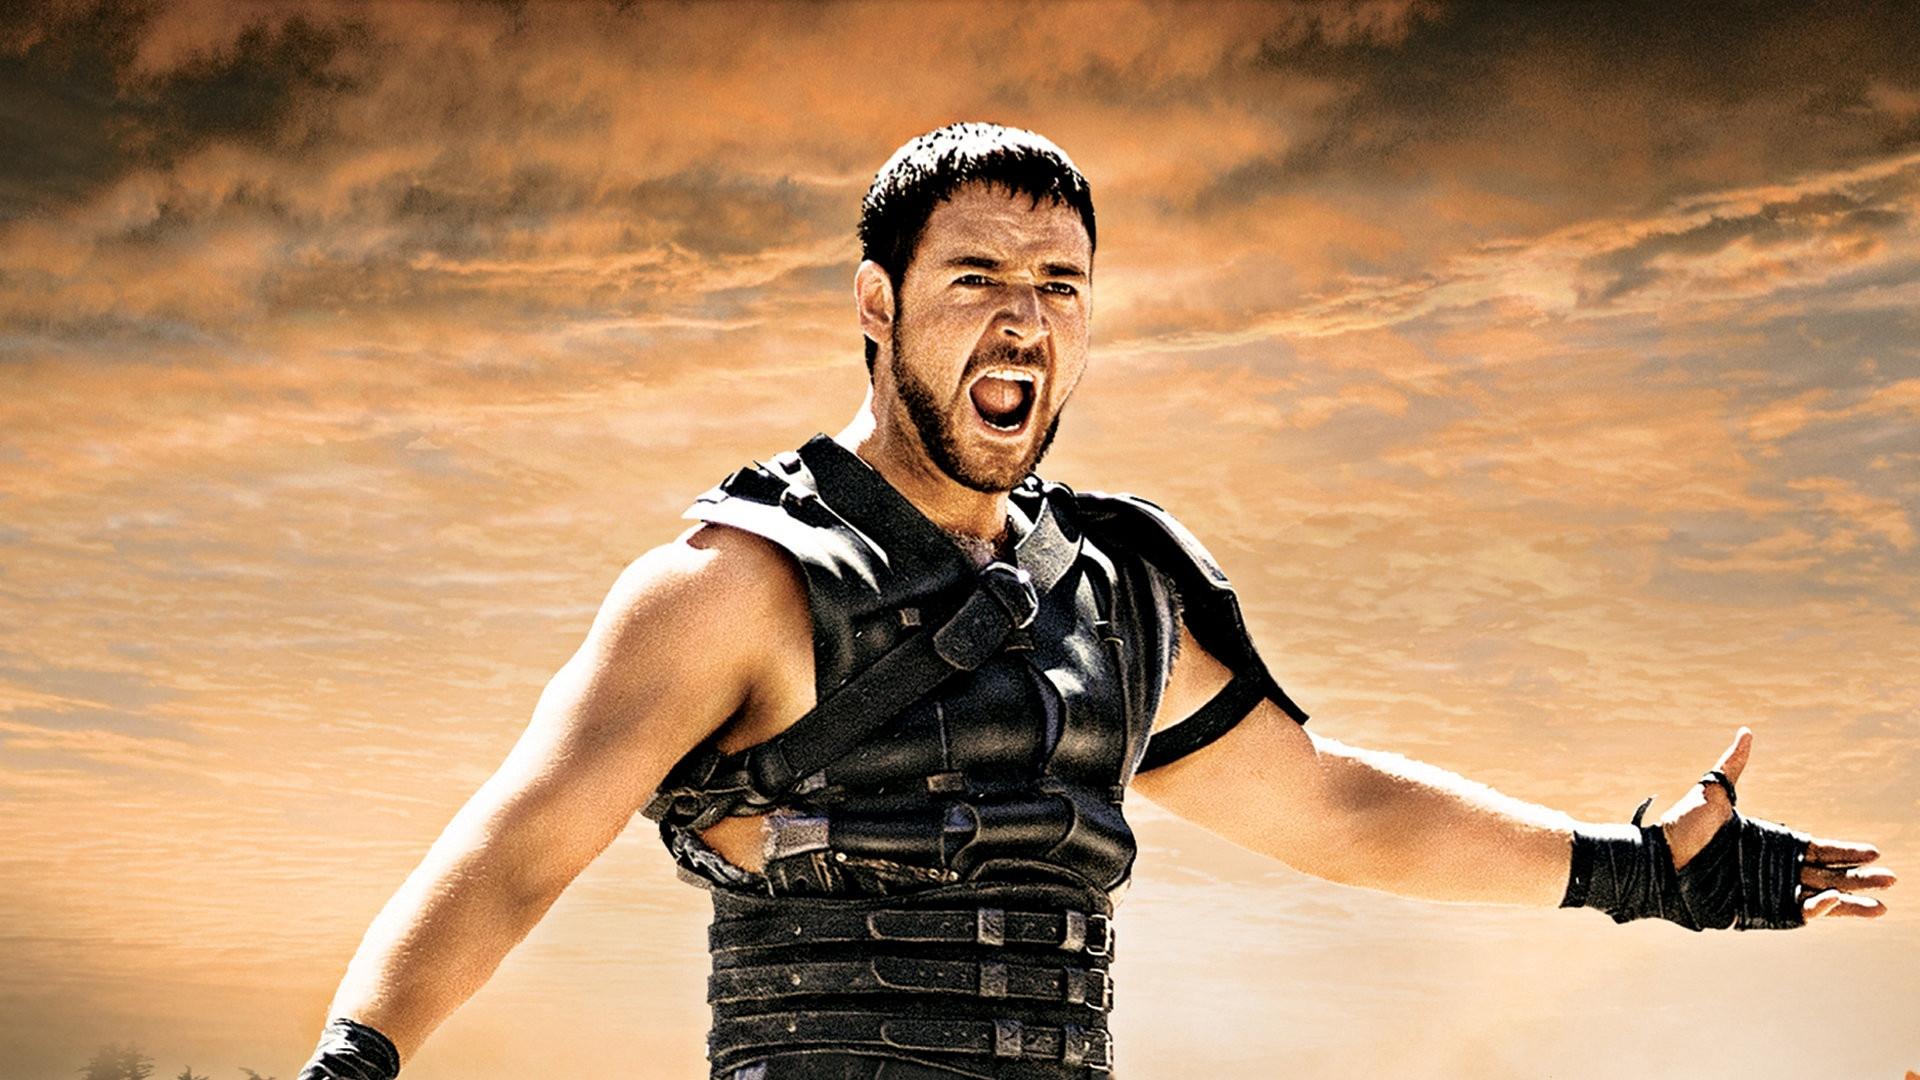 Gladiator 4K Review